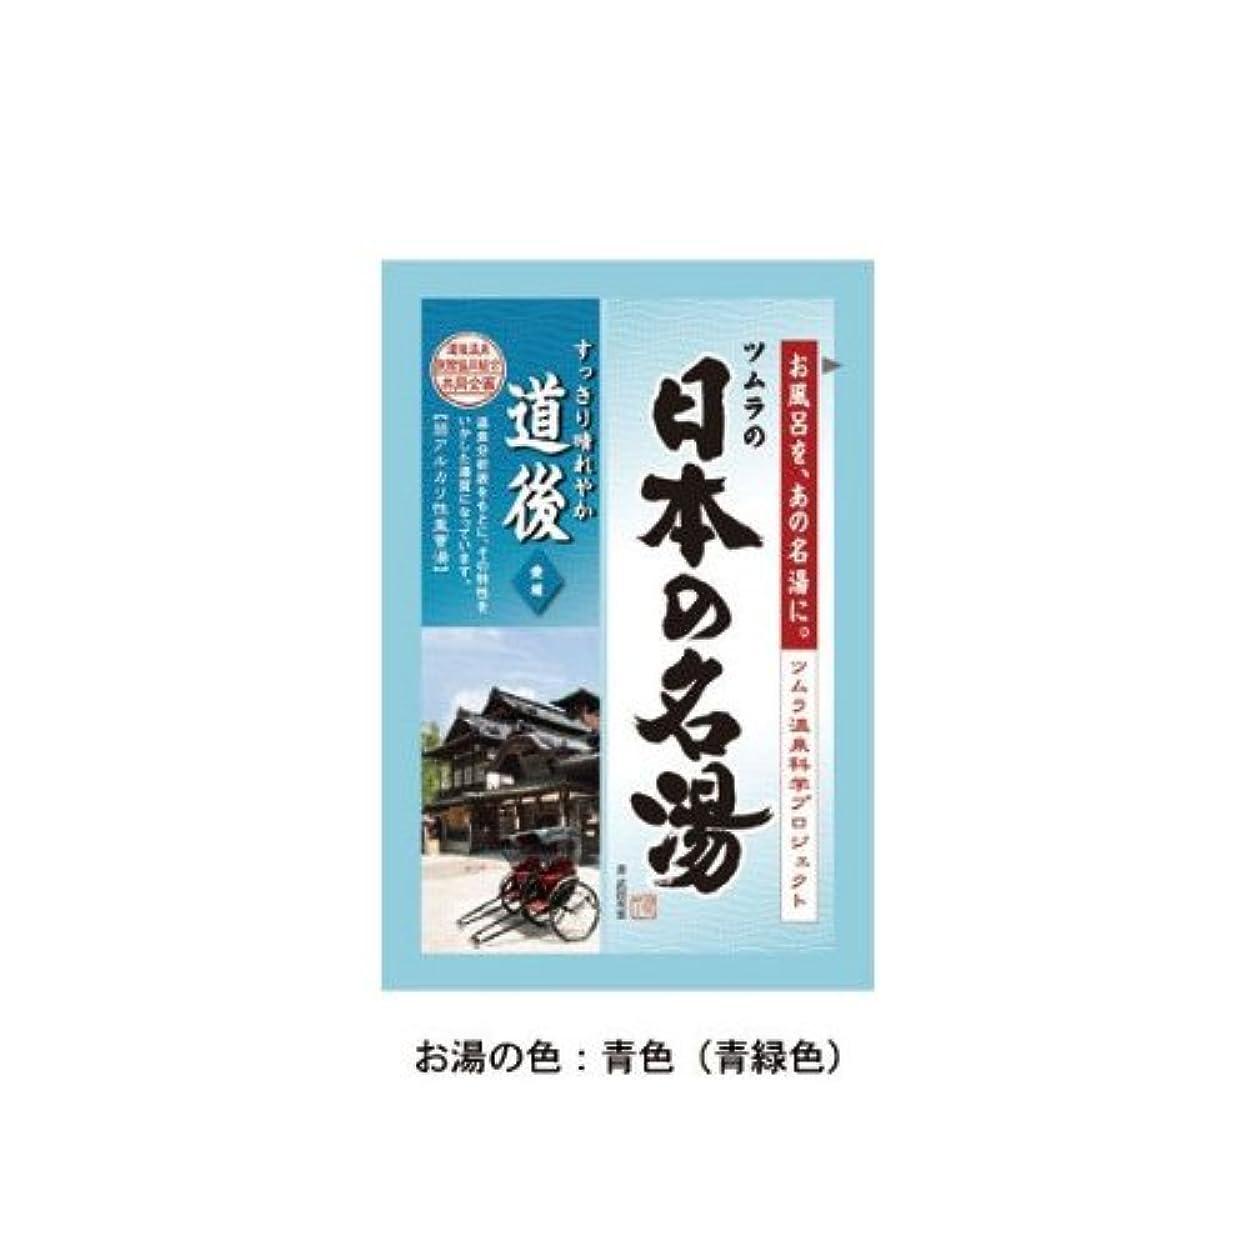 絶対の香りコインランドリーツムラの日本の名湯 道後